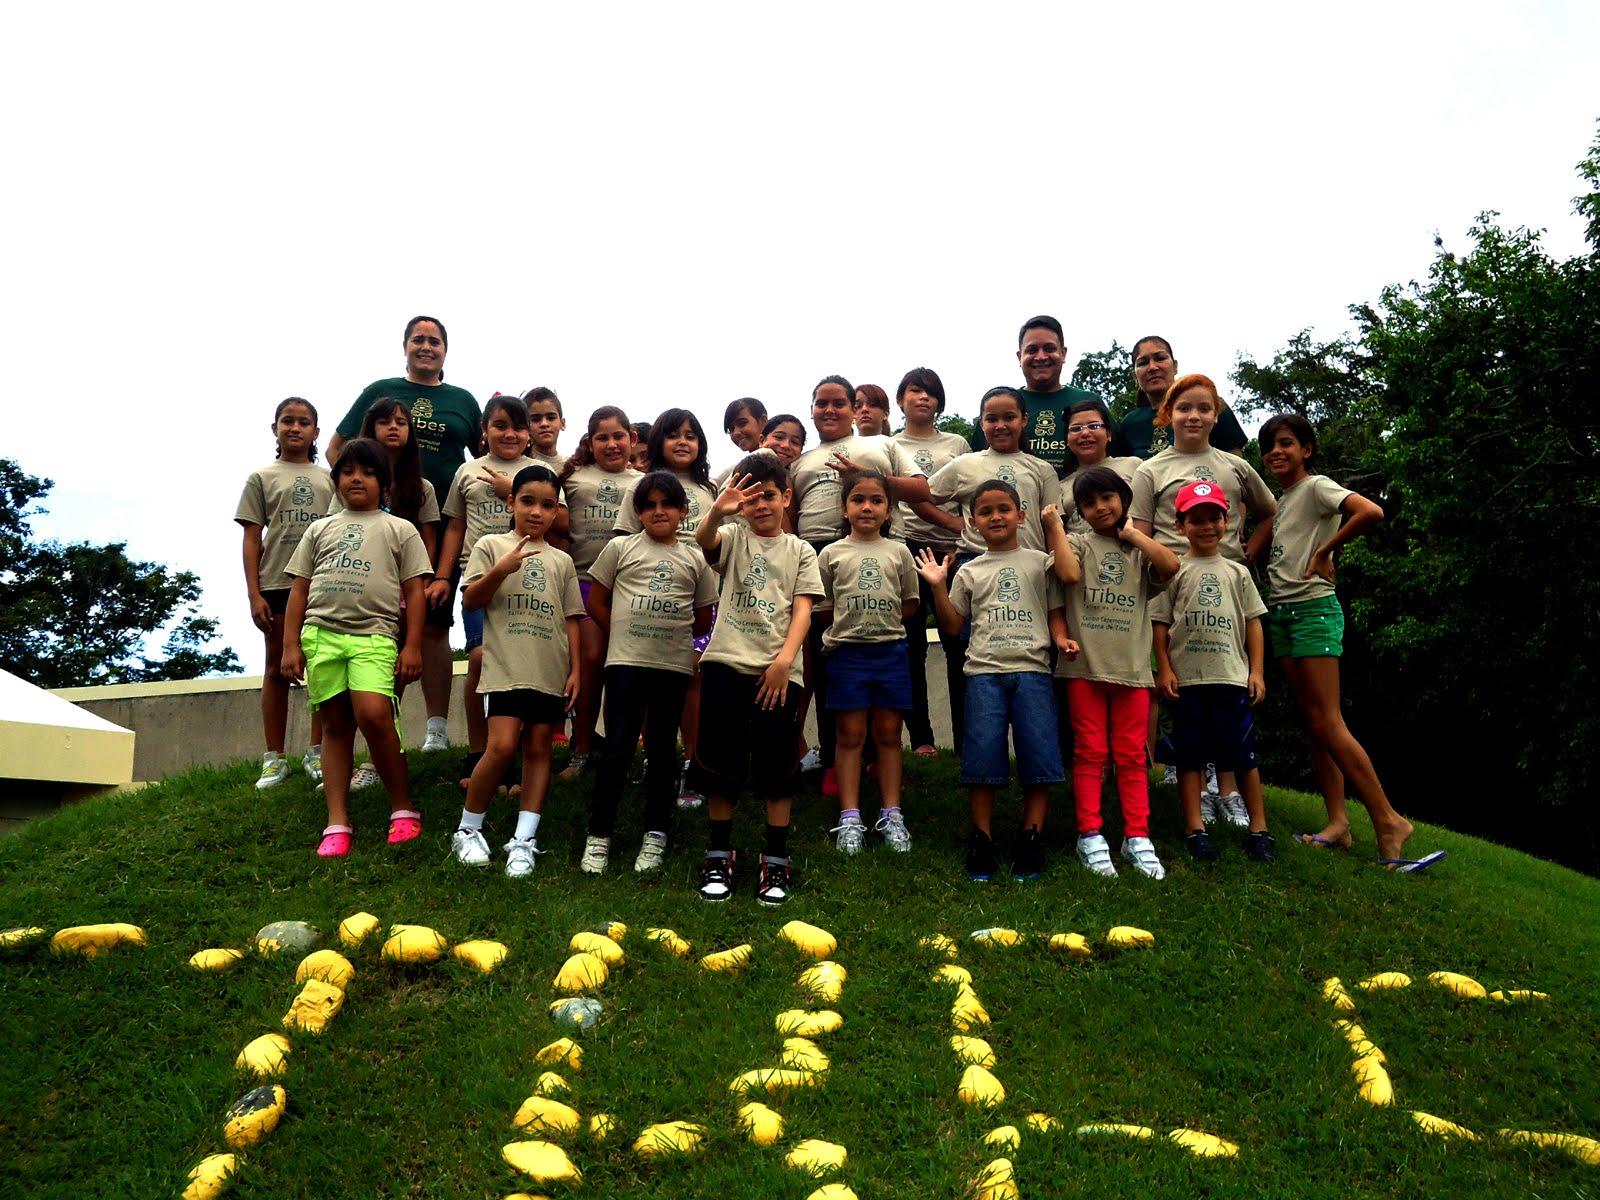 Noticias sur p r todo un xito el taller de verano en el for Actividades jardin botanico caguas